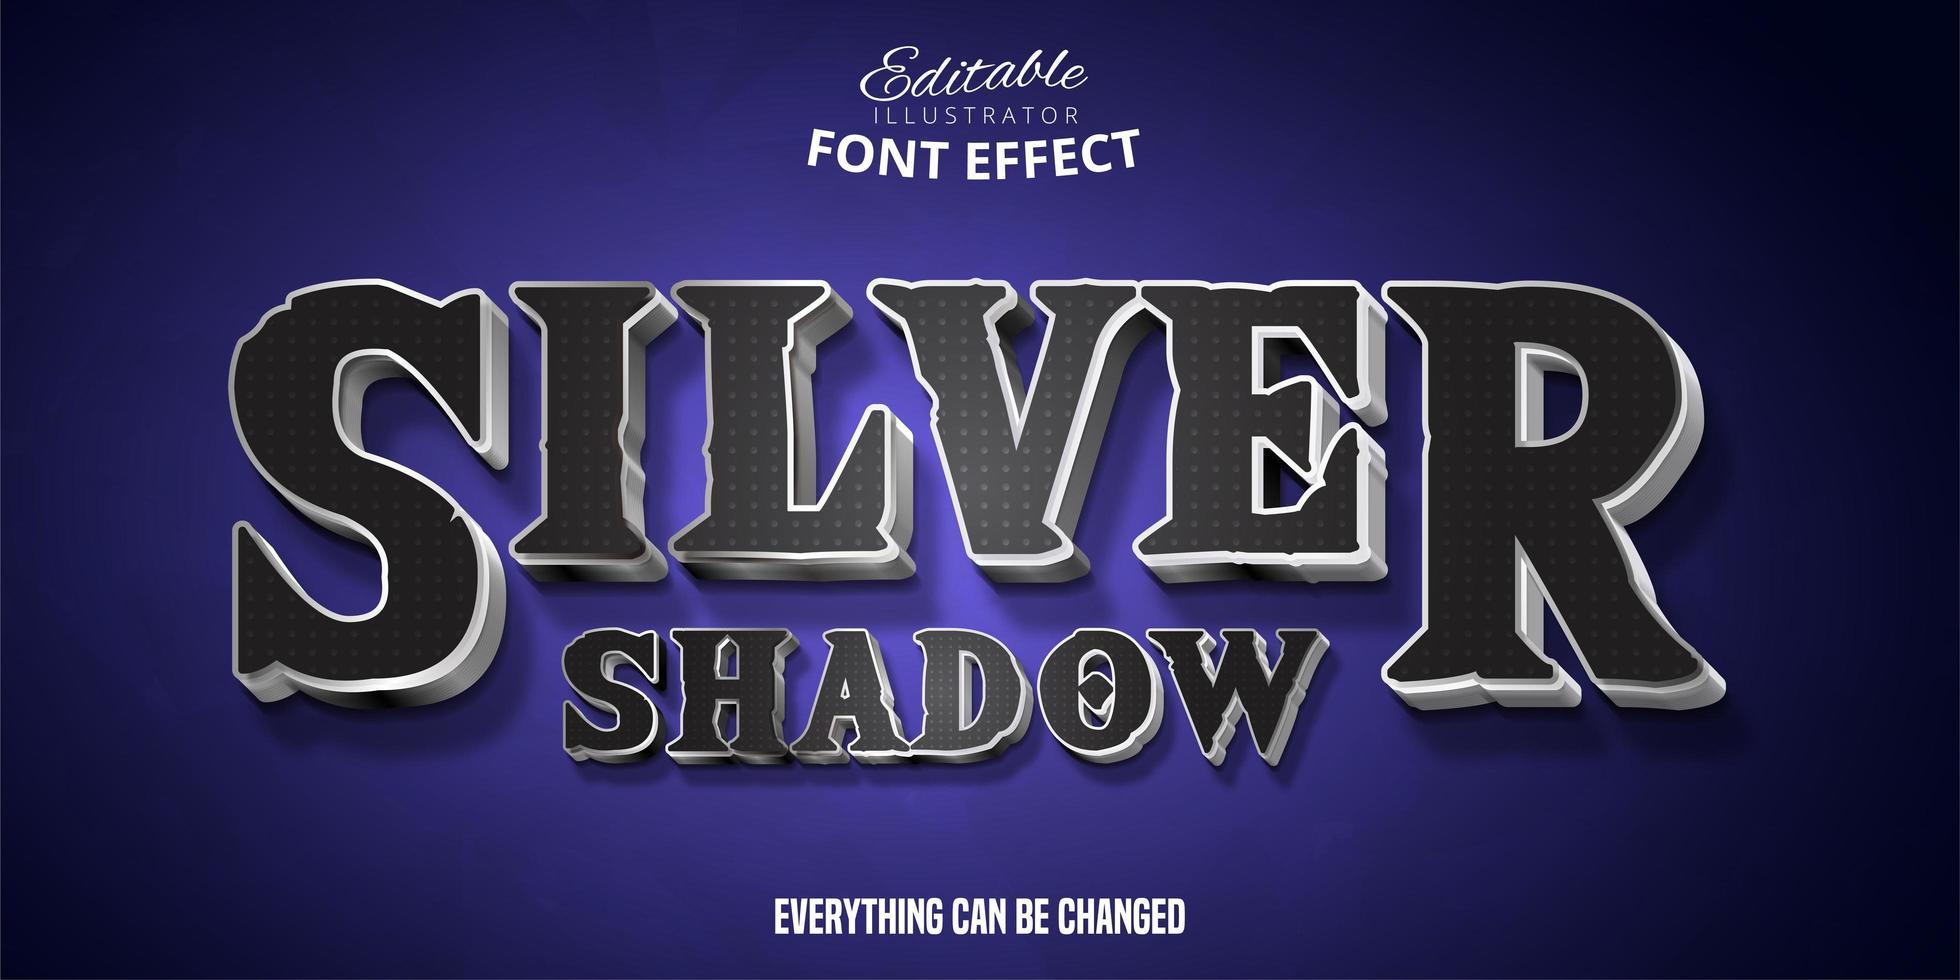 silberner Schattentexteffekt vektor